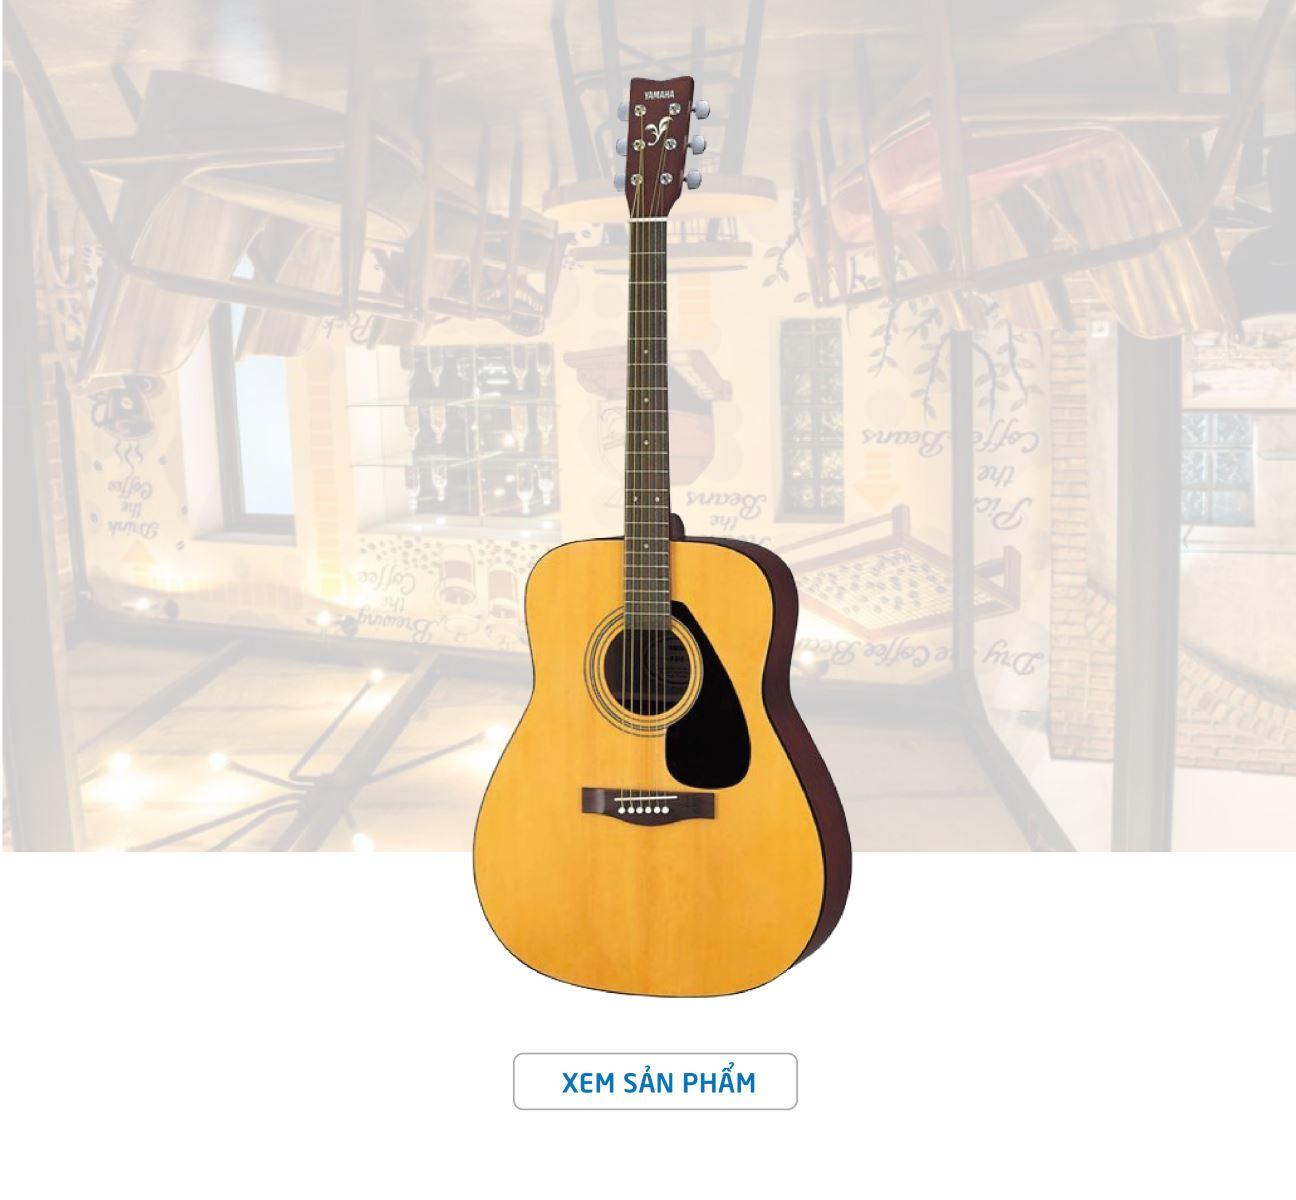 Đánh Giá Đàn Guitar Acoustic Yamaha Chính Hãng F310